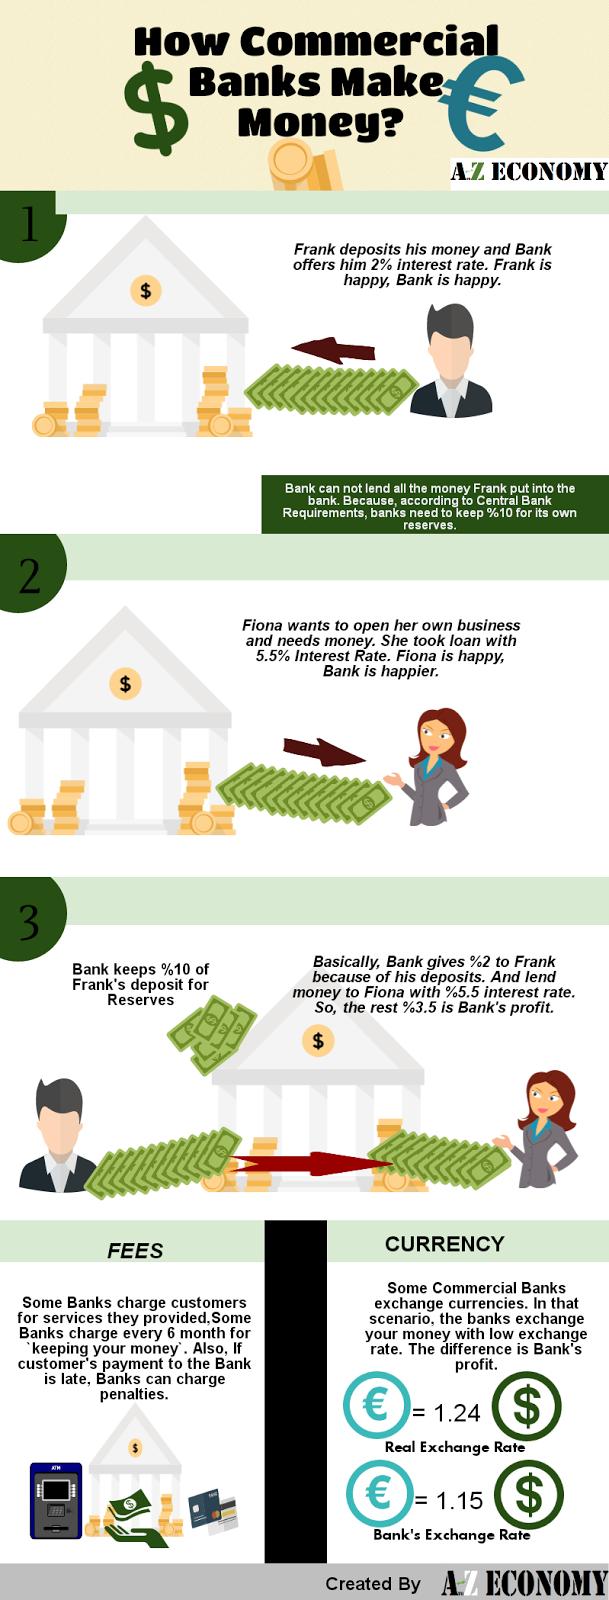 how do commercials make money